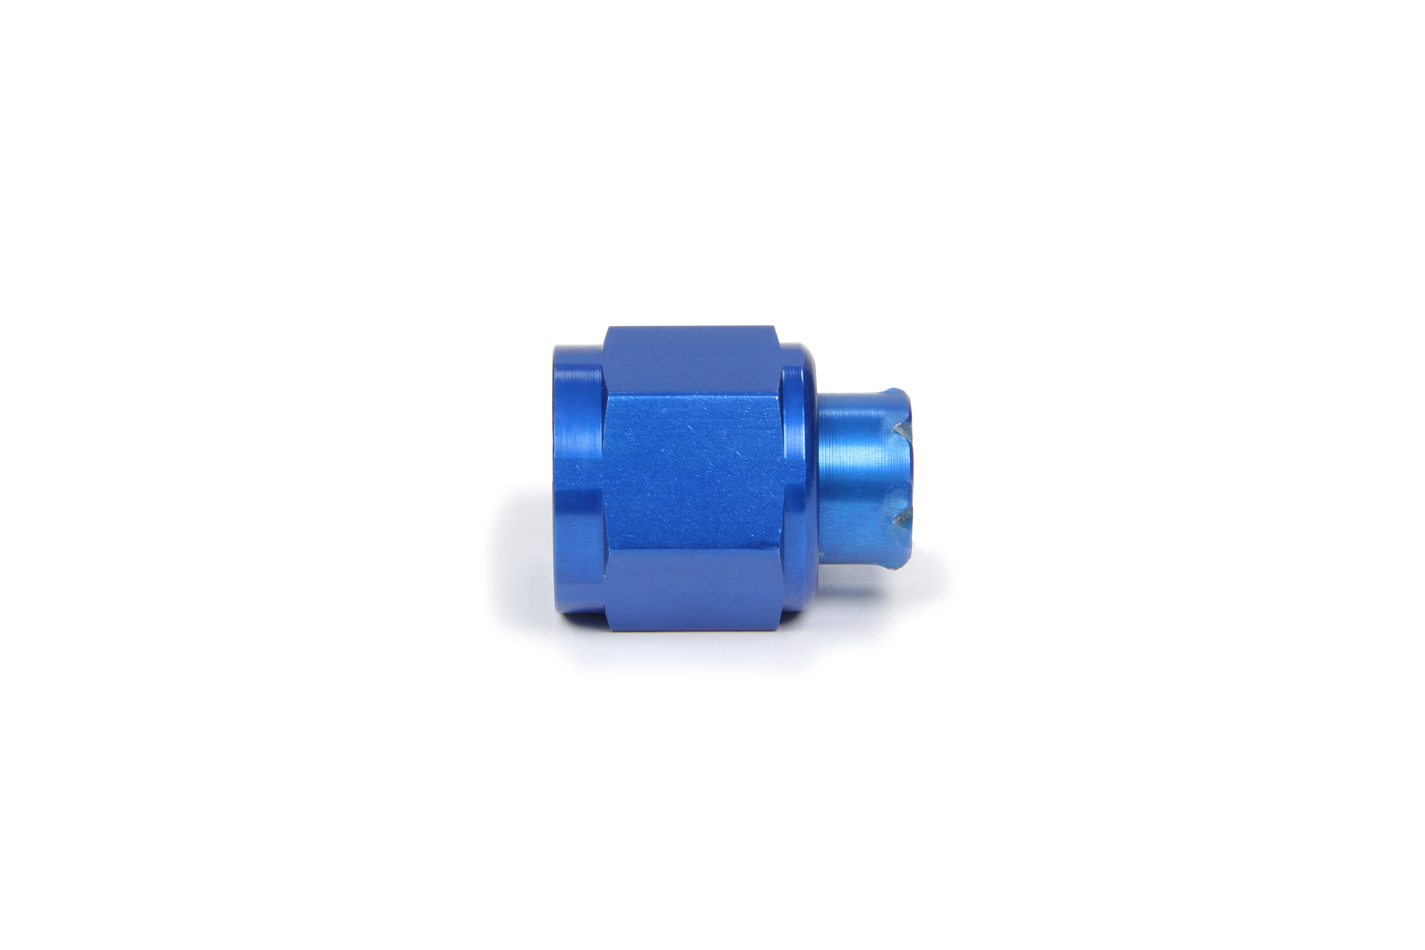 Aeroquip FBM3741 Fitting, Cap, 8 AN, Aluminum, Blue Anodize, Each